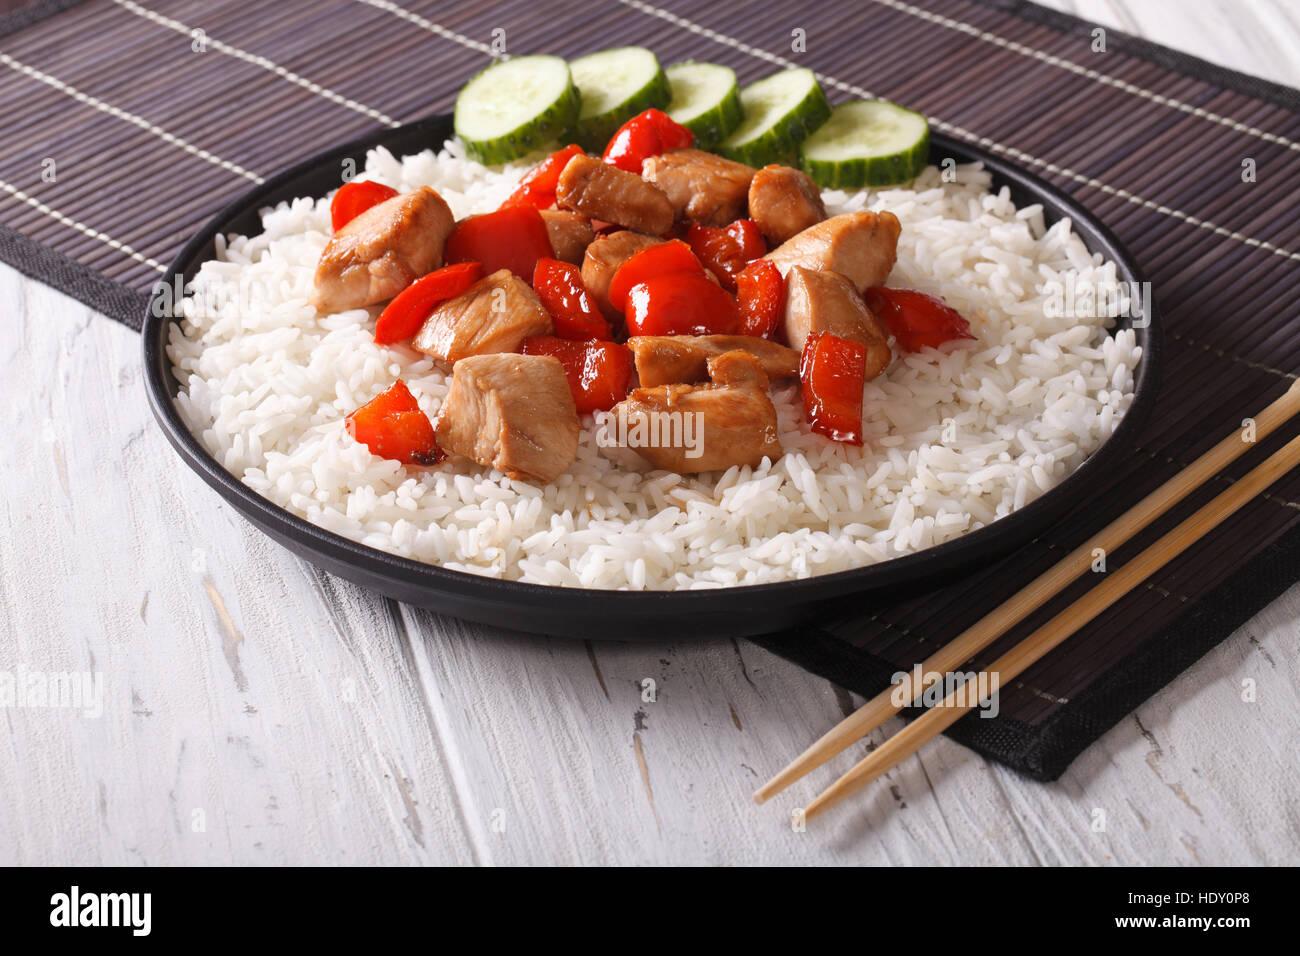 Riso con pezzi di pollo in una salsa su una piastra di close-up orizzontale. Foto Stock